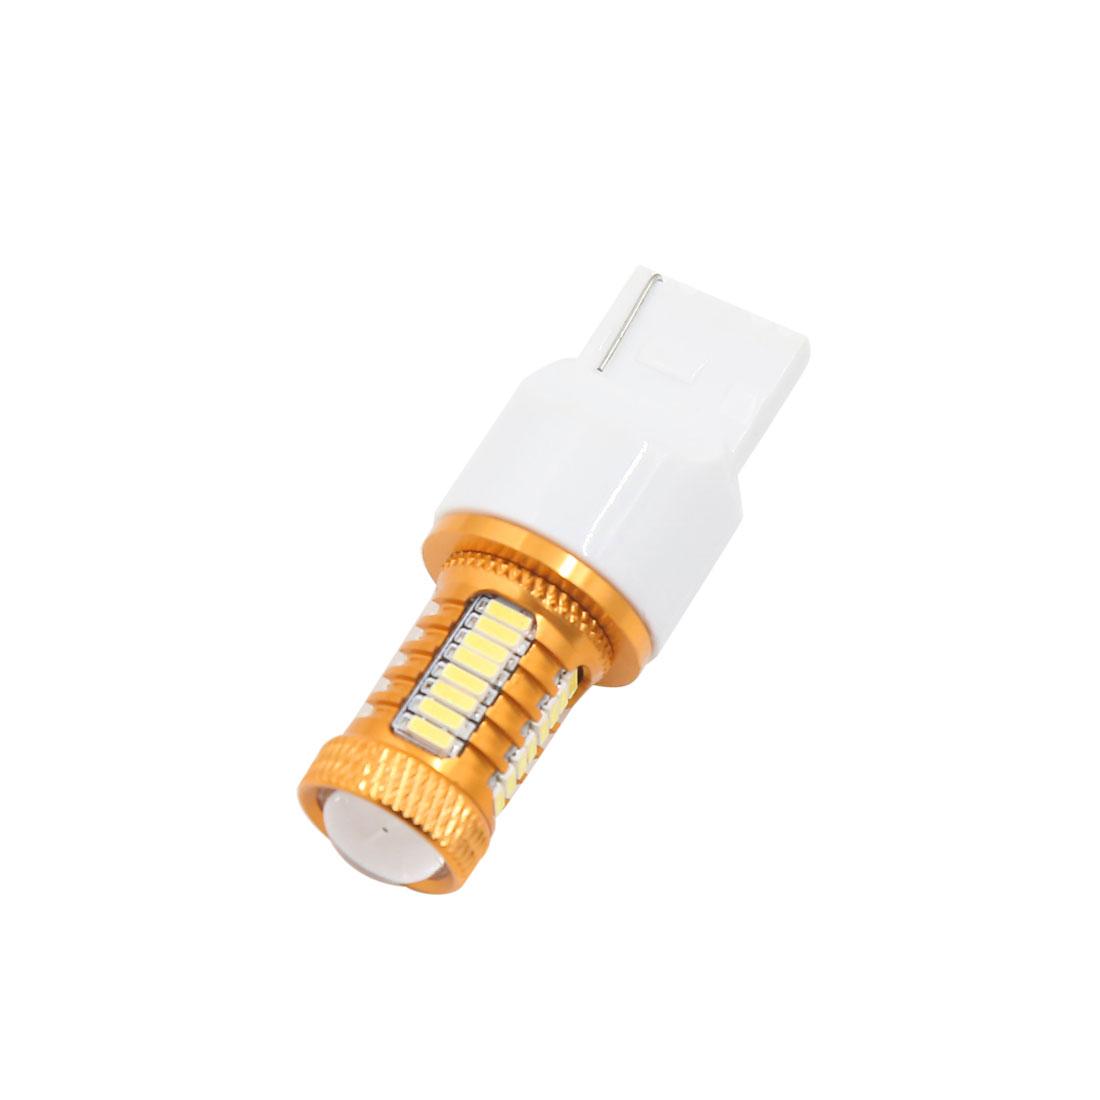 7440 33 White LED 4014 SMD Light Bulb Turn Signal Reverse Backup Lamp for Car